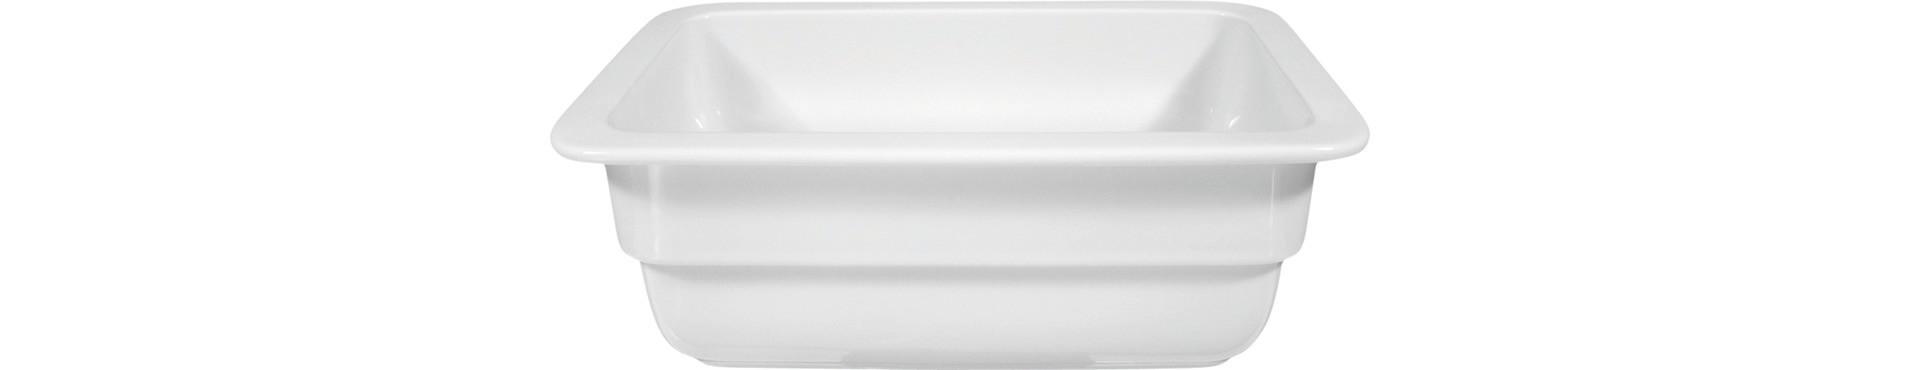 Buffet Gourmet, GN-Behälter GN 1/4 265 x 162 x 100 mm / 2,20 l